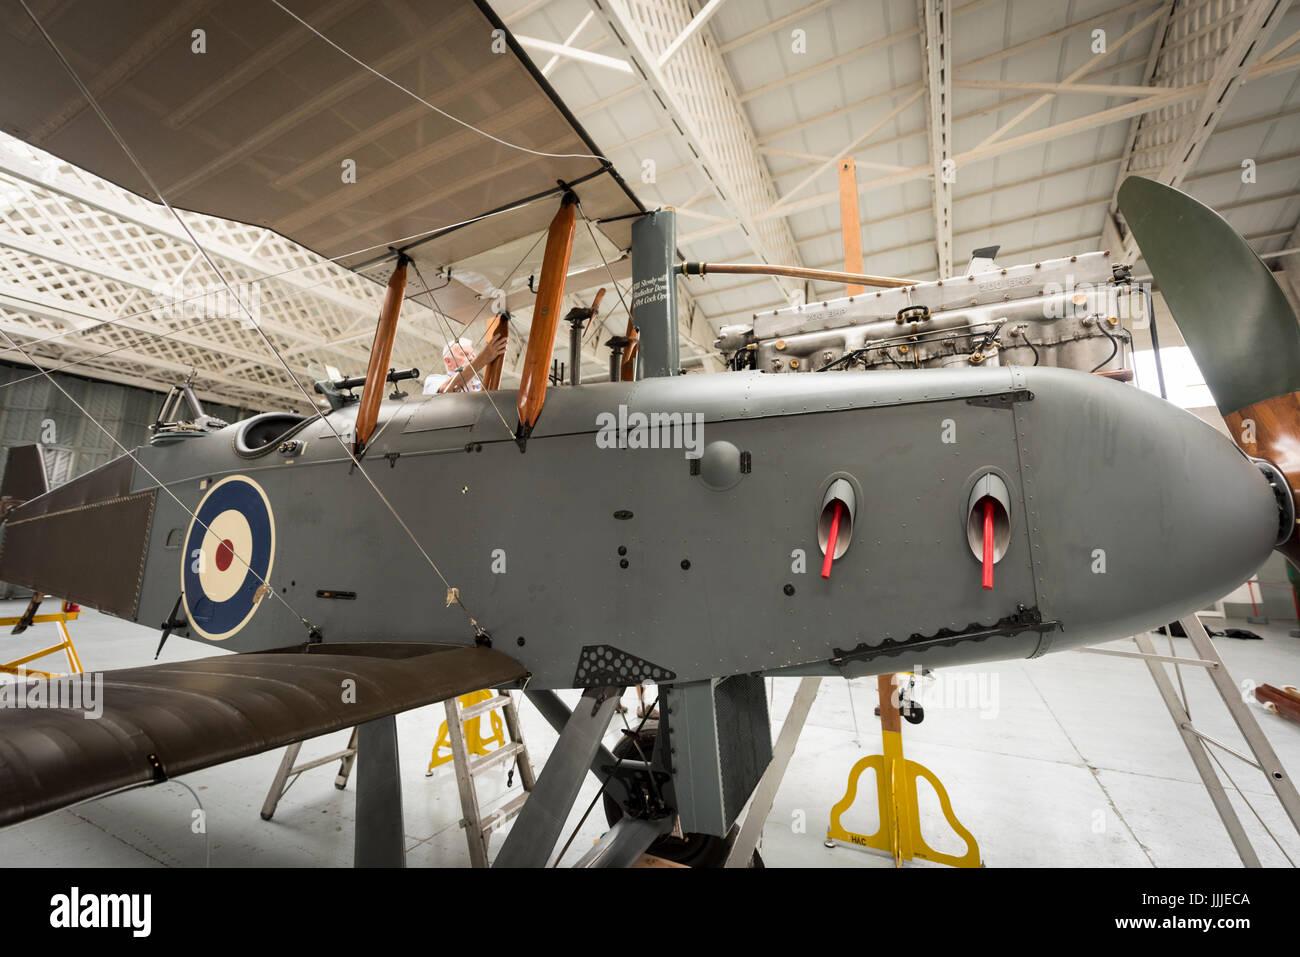 Duxford Cambridgeshire, Reino Unido. Julio 20, 2017. Una rara Primera Guerra Mundial, De Havilland DH9 bombardero ha sido completamente restaurada y ahora está siendo montada para la visualización y el vuelo en el Museo Imperial de la guerra. El avión es de 100 años de antigüedad, se monta en un colgador de la WW1 en el centenario del Museo Imperial de la guerra. El avión es el único en el Reino Unido y ha sido restaurada después de ser encontrado en un elefante estable en el Palacio de Bikaner, Rajasthan, India. Crédito: Julian Eales/Alamy Live News Foto de stock